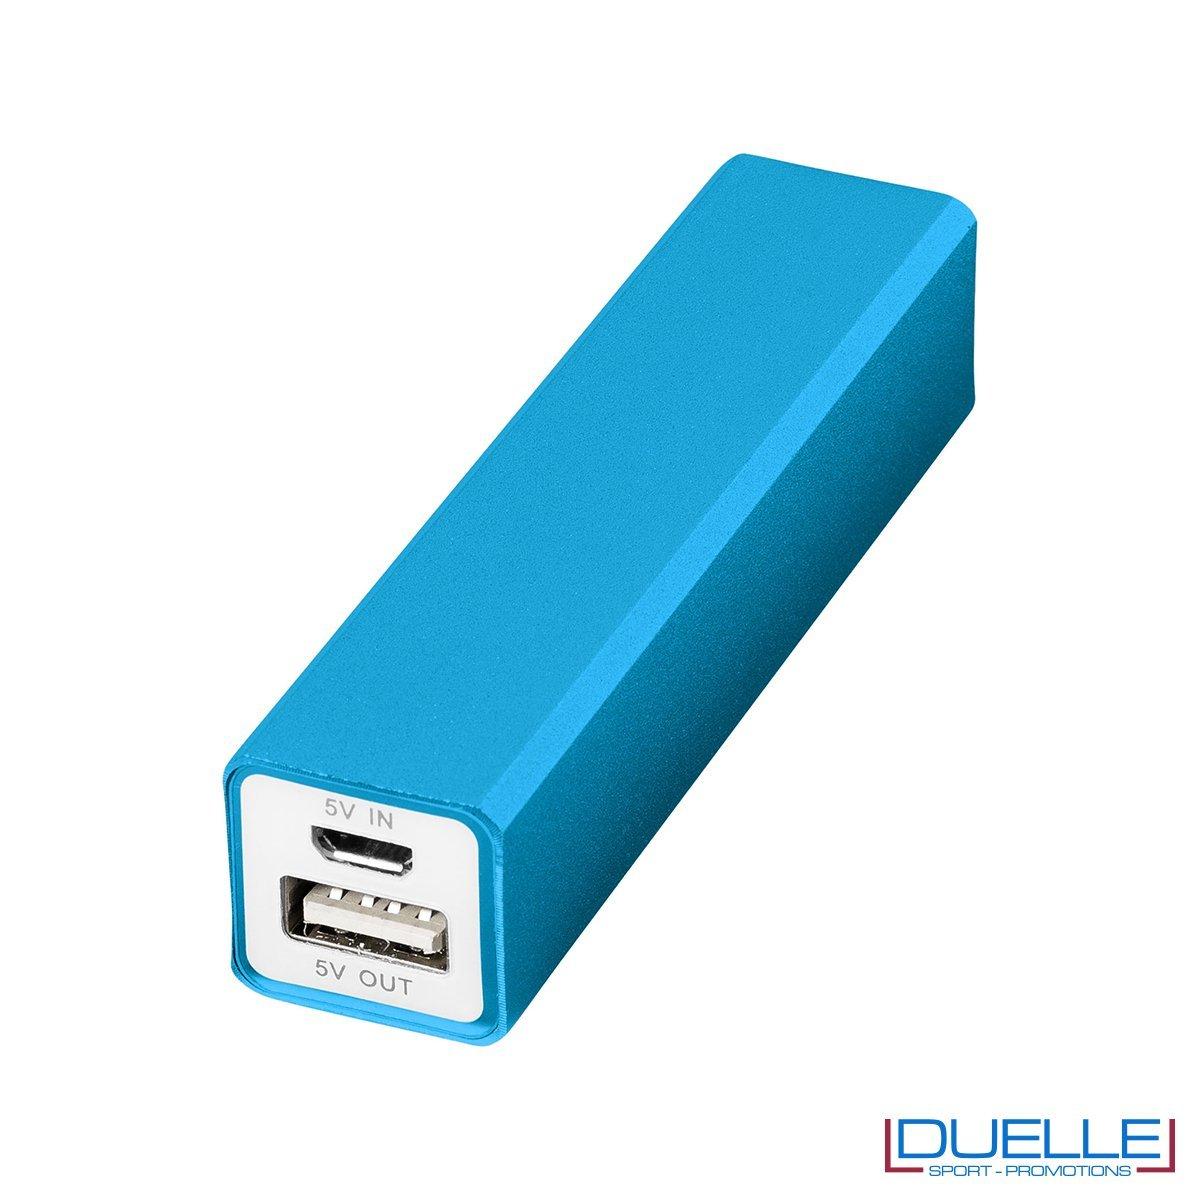 Power bank promozionale in alluminio colore azzurro